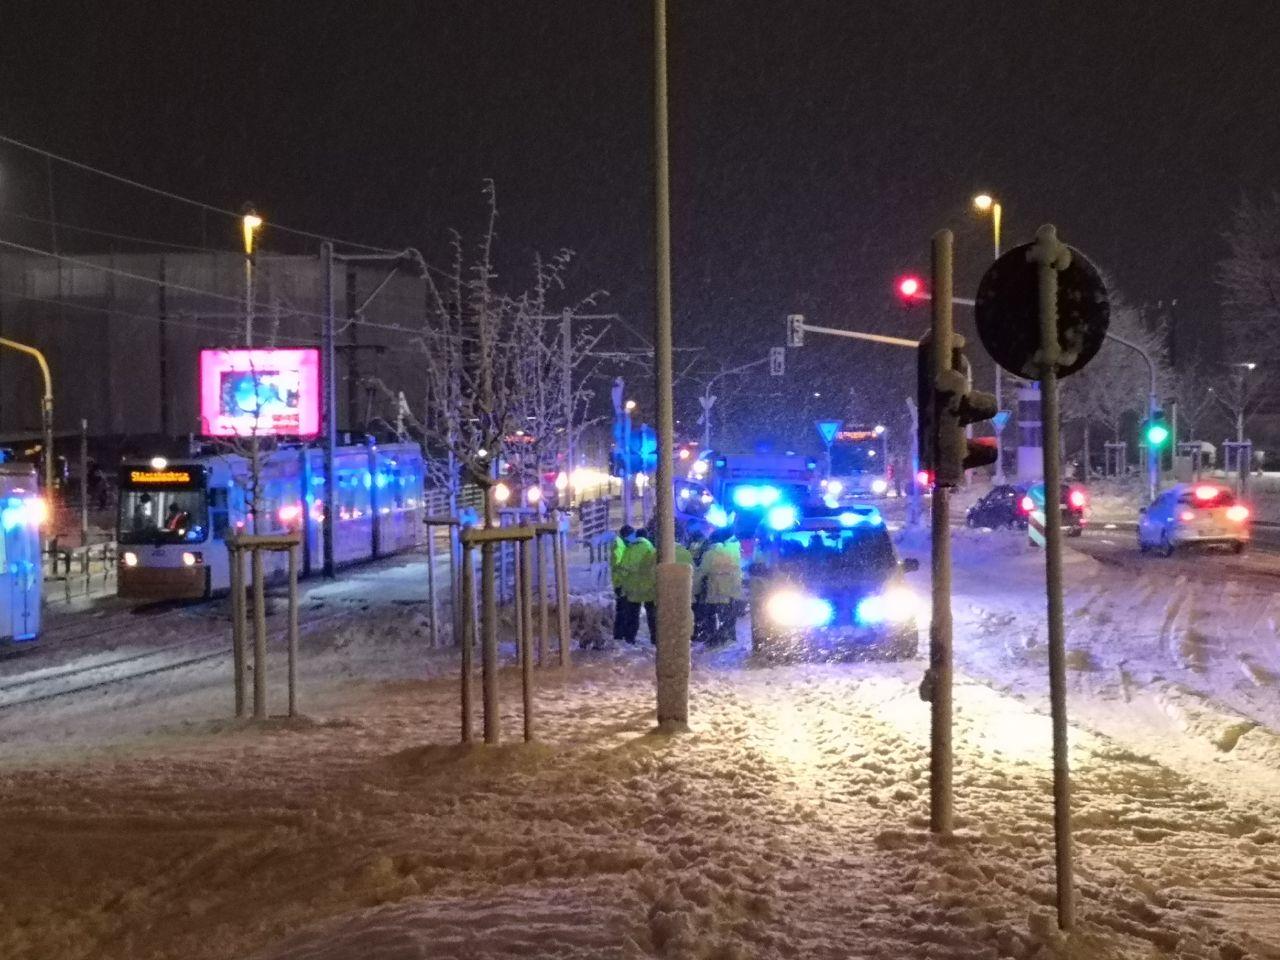 Tödlicher Unfall in Mainz: Straßenbahn erfasst Radfahrer